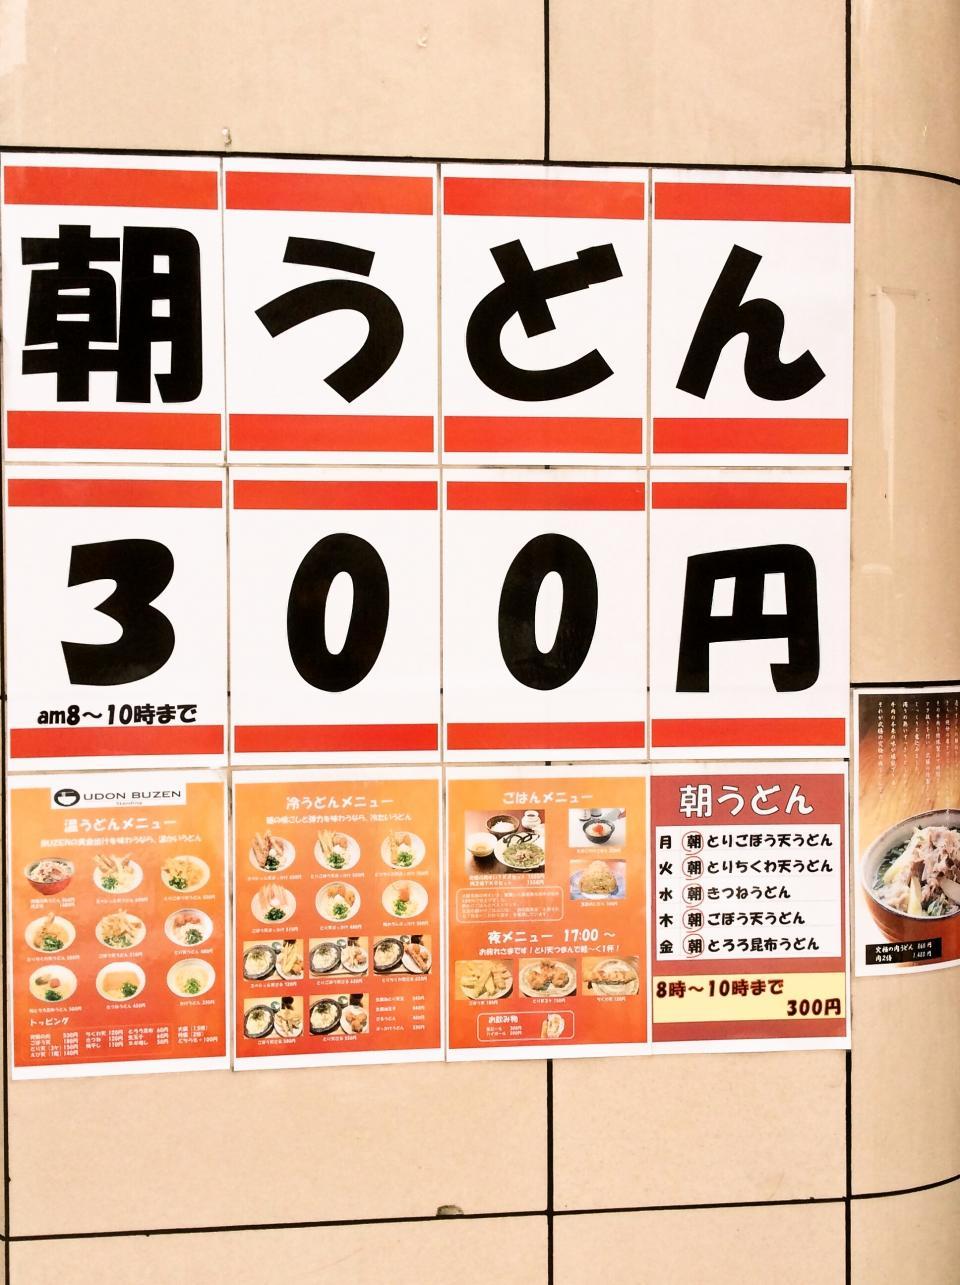 UDON BUZEN 新橋店(店舗)